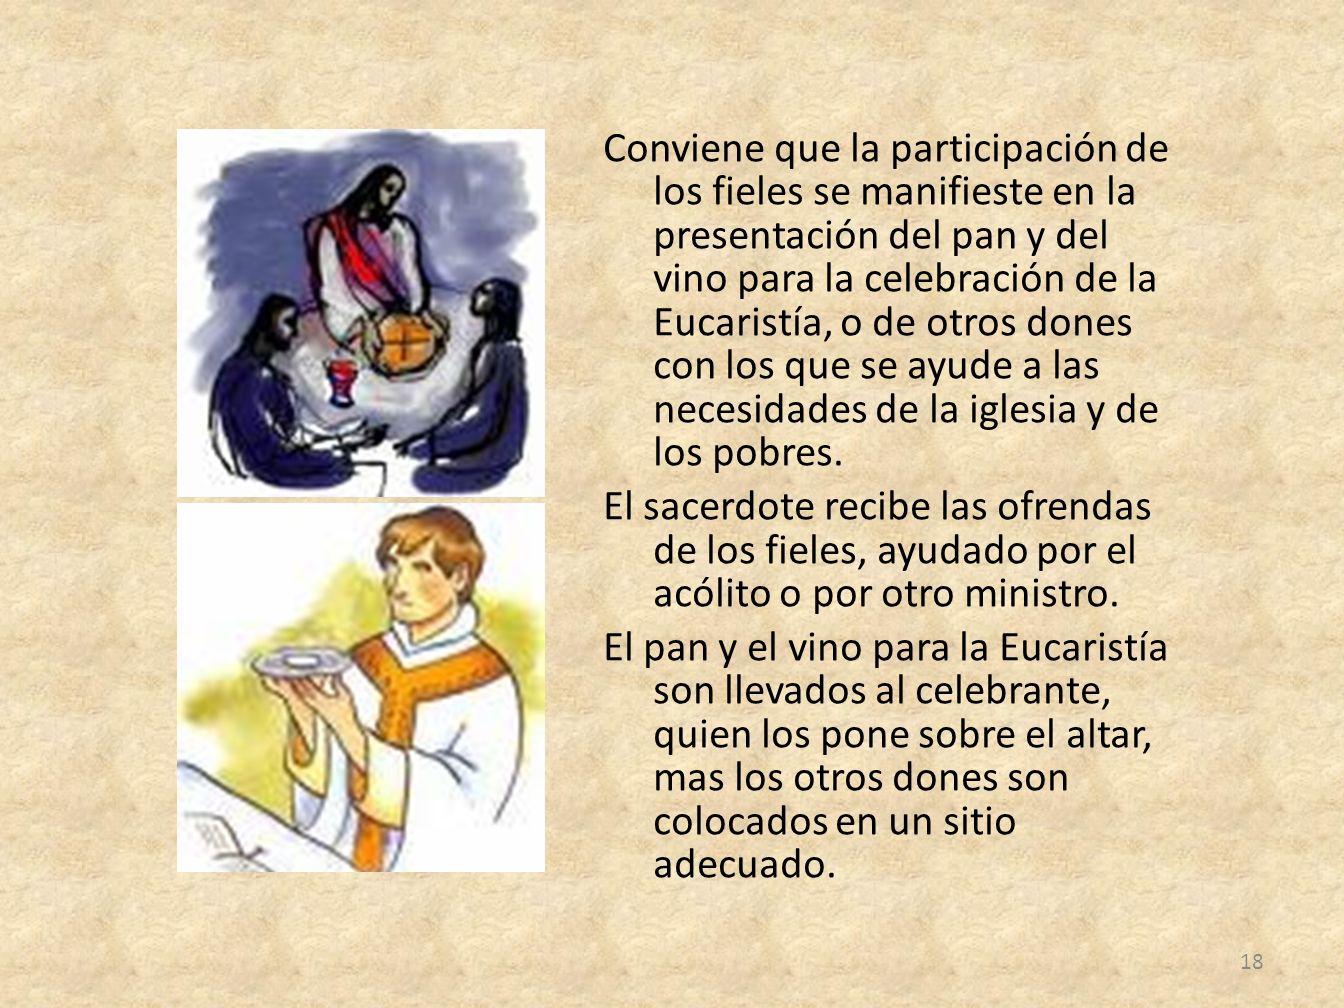 Conviene que la participación de los fieles se manifieste en la presentación del pan y del vino para la celebración de la Eucaristía, o de otros dones con los que se ayude a las necesidades de la iglesia y de los pobres.